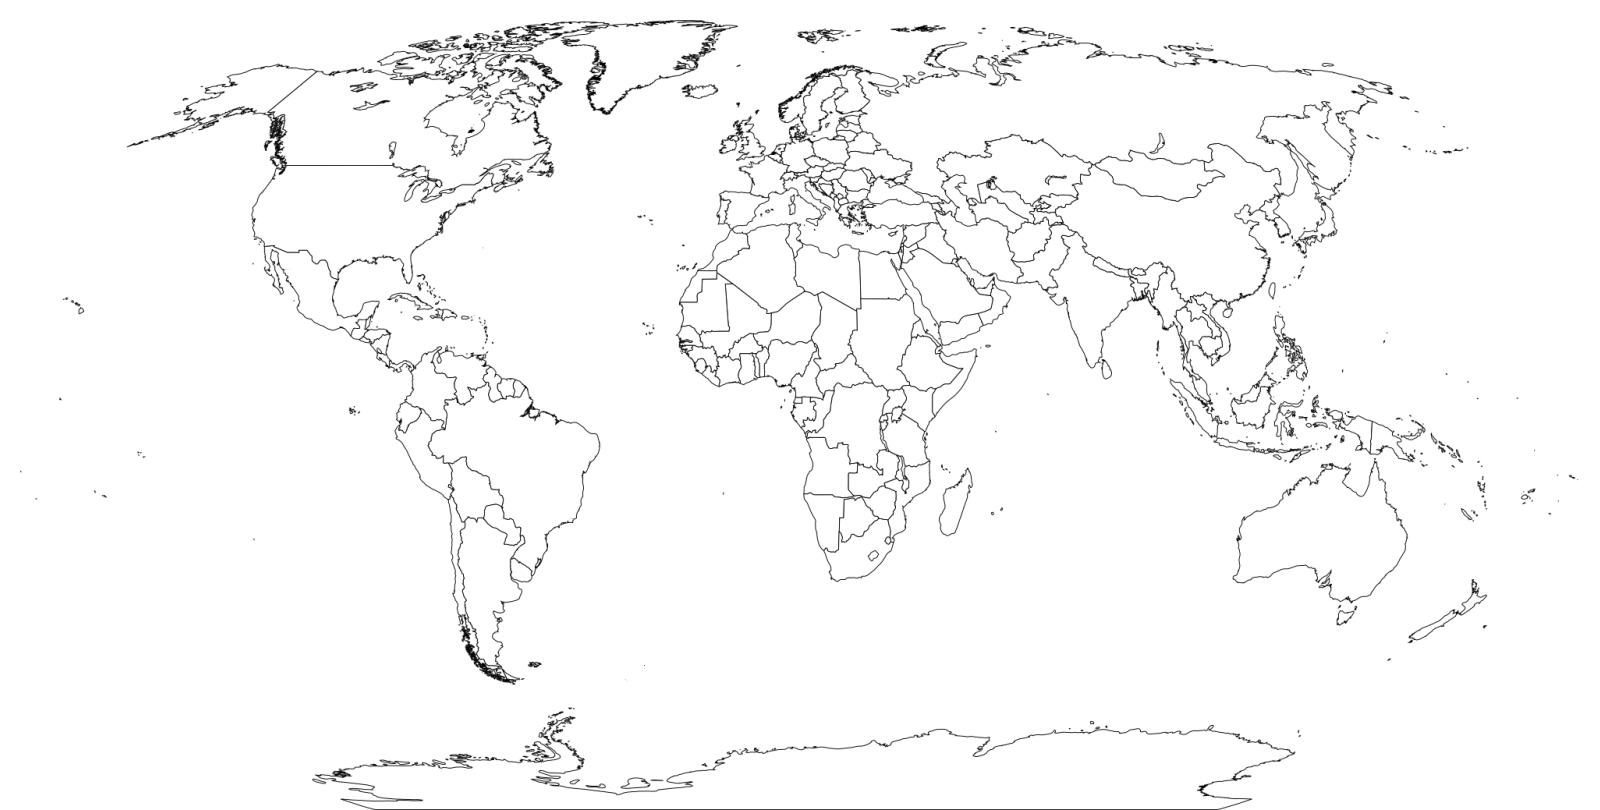 Printable World Map Black And White ~ Afp Cv - World Map Black And White Printable